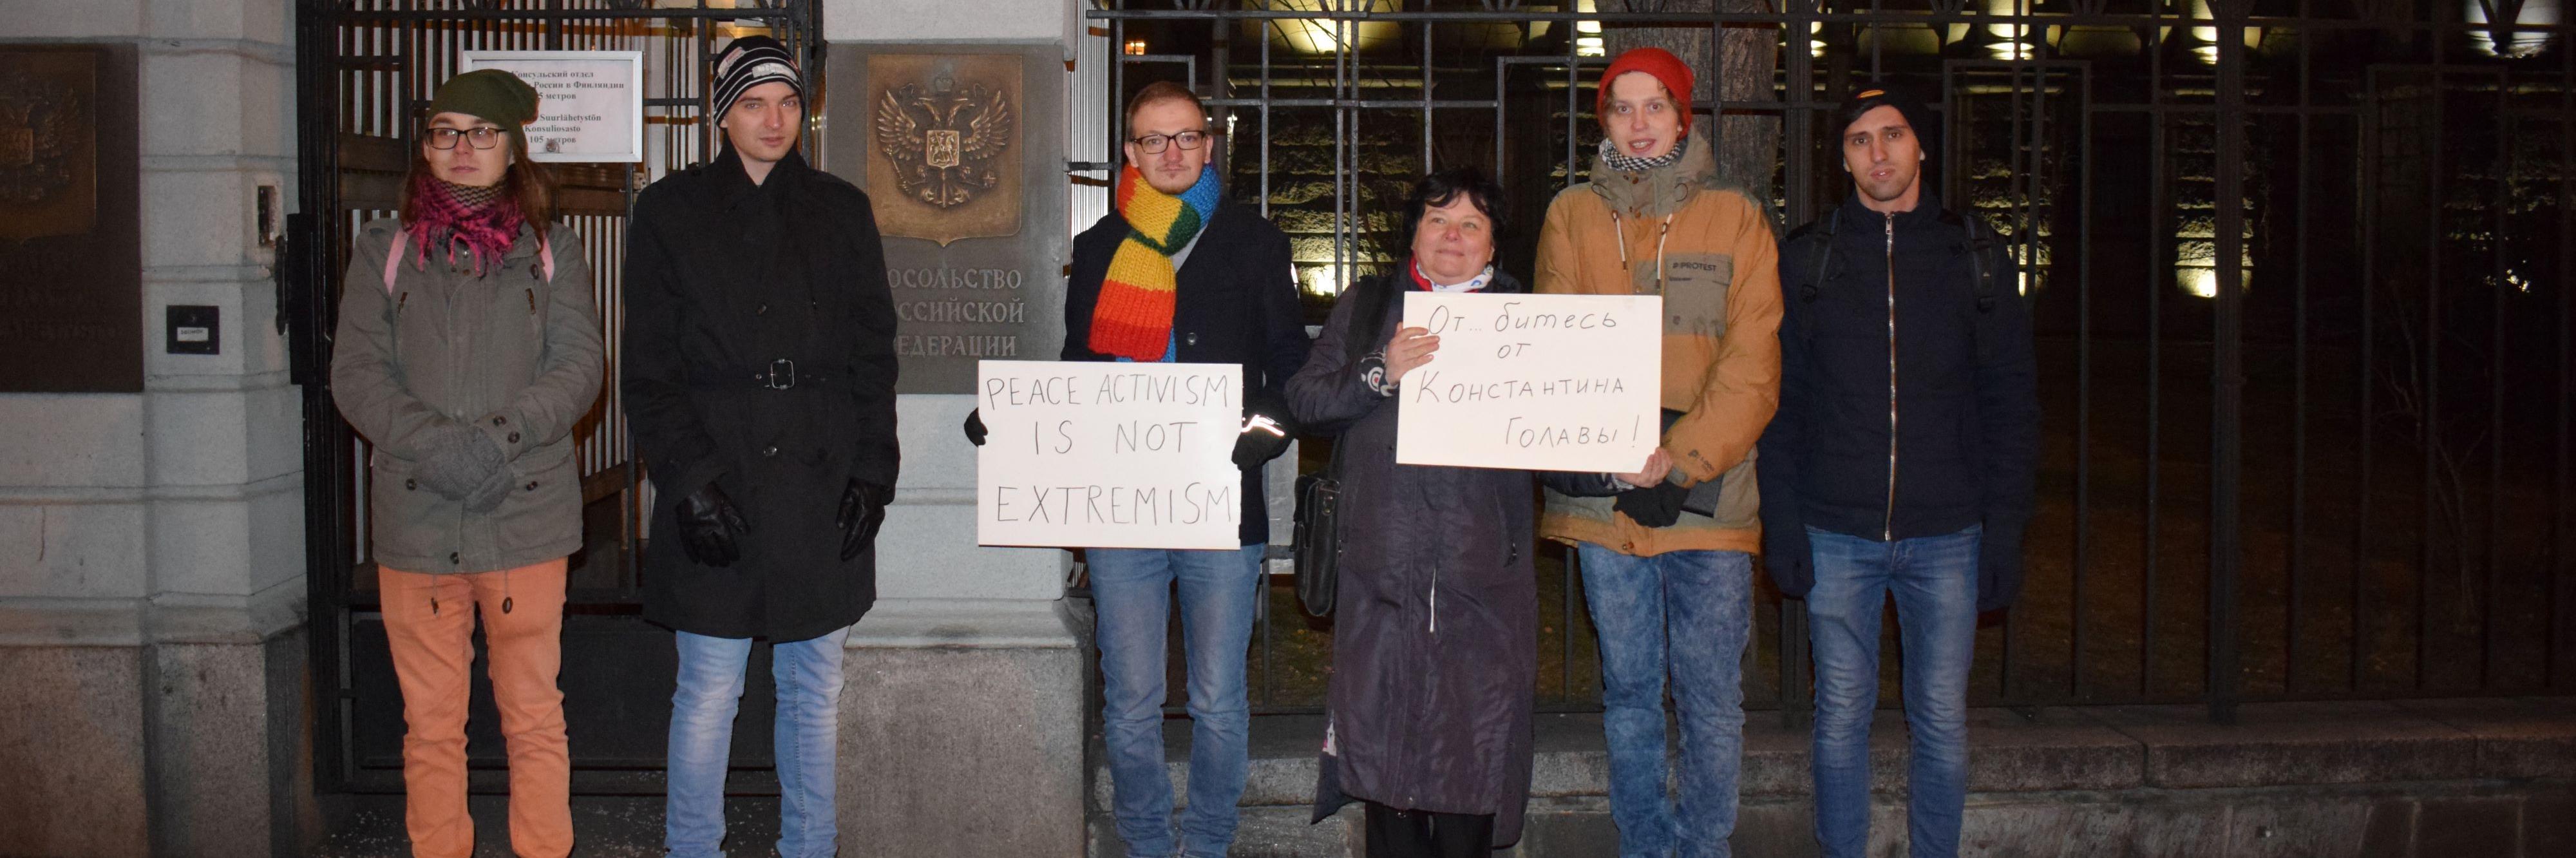 Aseistakieltäytyjiä Venäjän suurlähetystön edessä